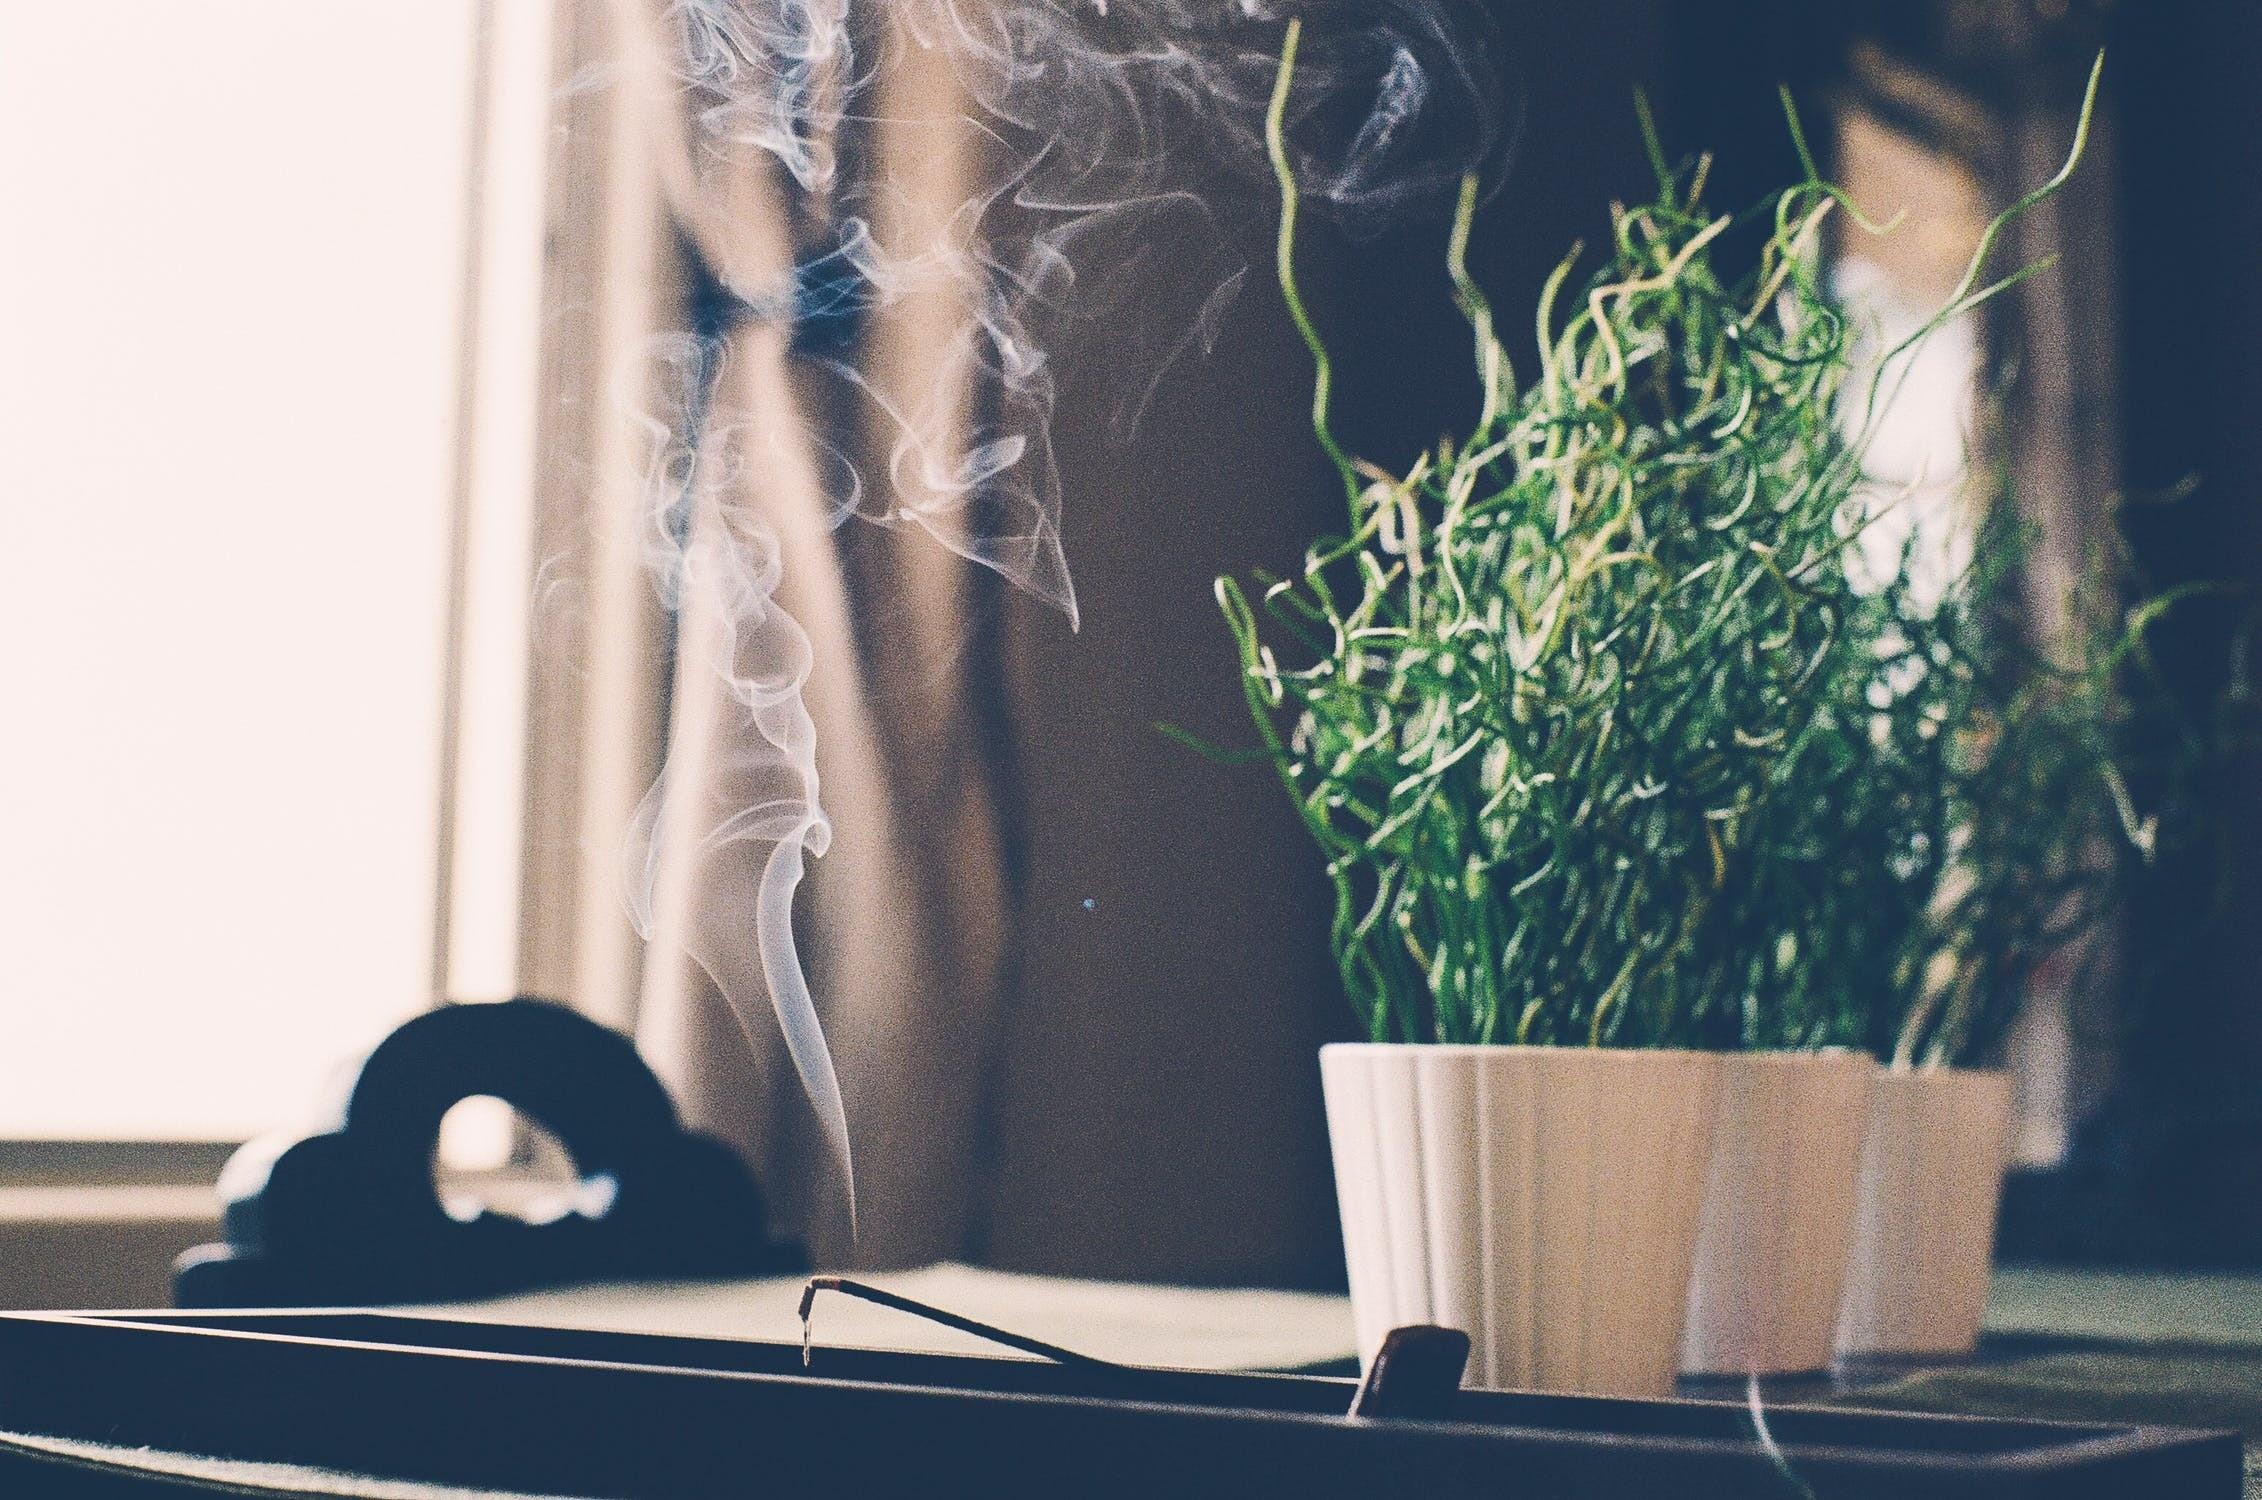 7 простых способов защитить себя от сглаза: от самодельных амулетов до ладана